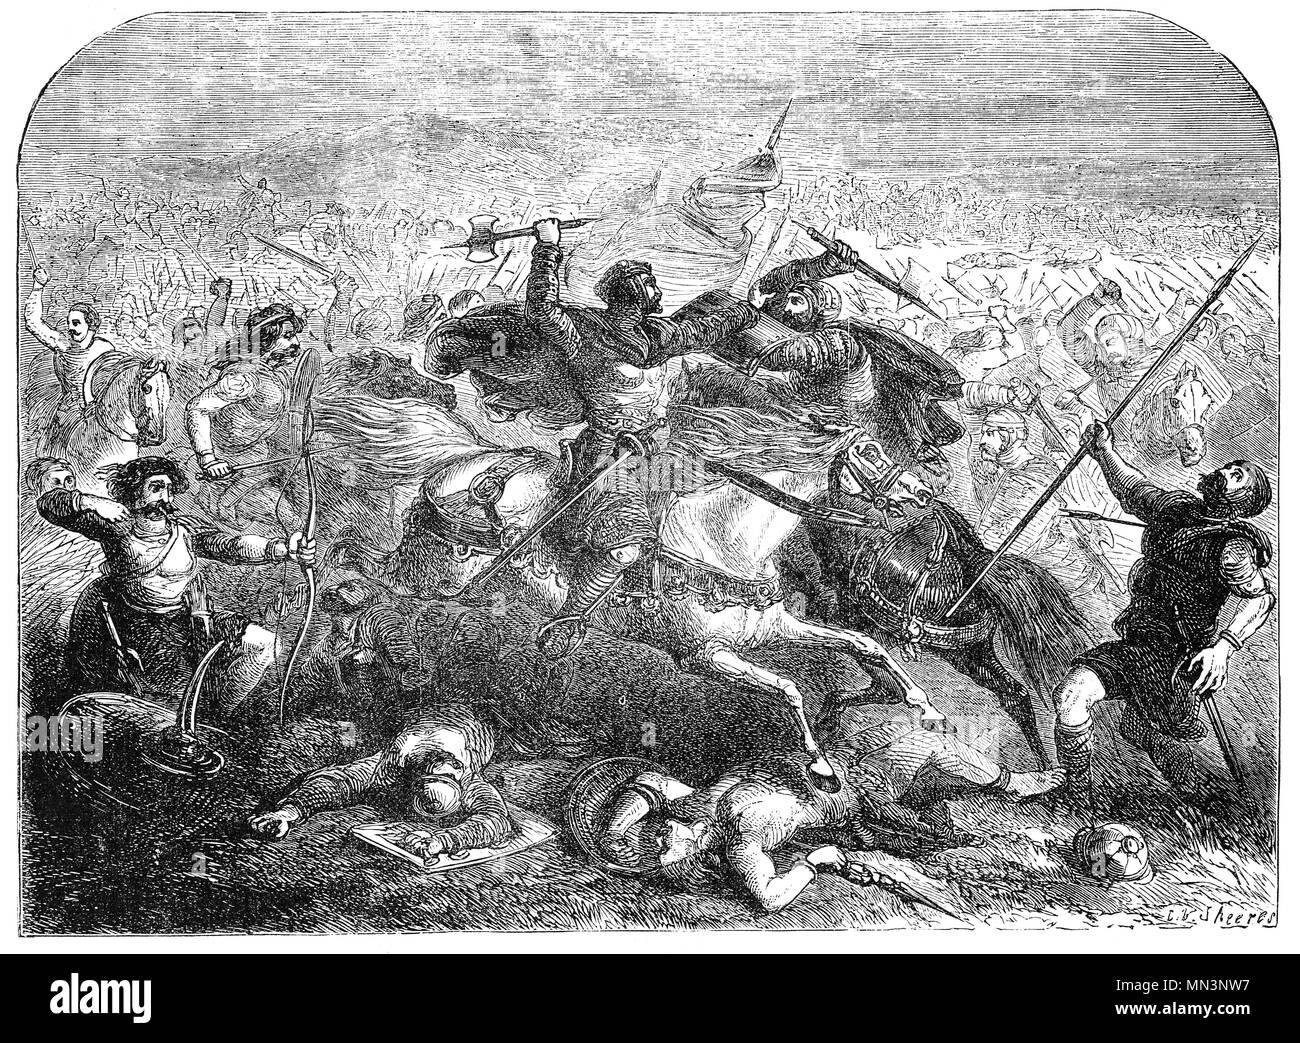 La batalla de Badon entre Celtic británicos y anglosajones en las finales de la 5ª o comienzos del siglo VI a. Fue acreditado como una gran victoria para los británicos, detener la invasión de los reinos anglosajones durante un período de tiempo y es principalmente conocido hoy por la participación del Rey Arturo, una tradición que primero apareció claramente en la 9ª siglo Historia Brittonum. Debido al limitado número de fuentes, no hay ninguna certeza sobre la fecha, ubicación o detalles de los combates. Imagen De Stock